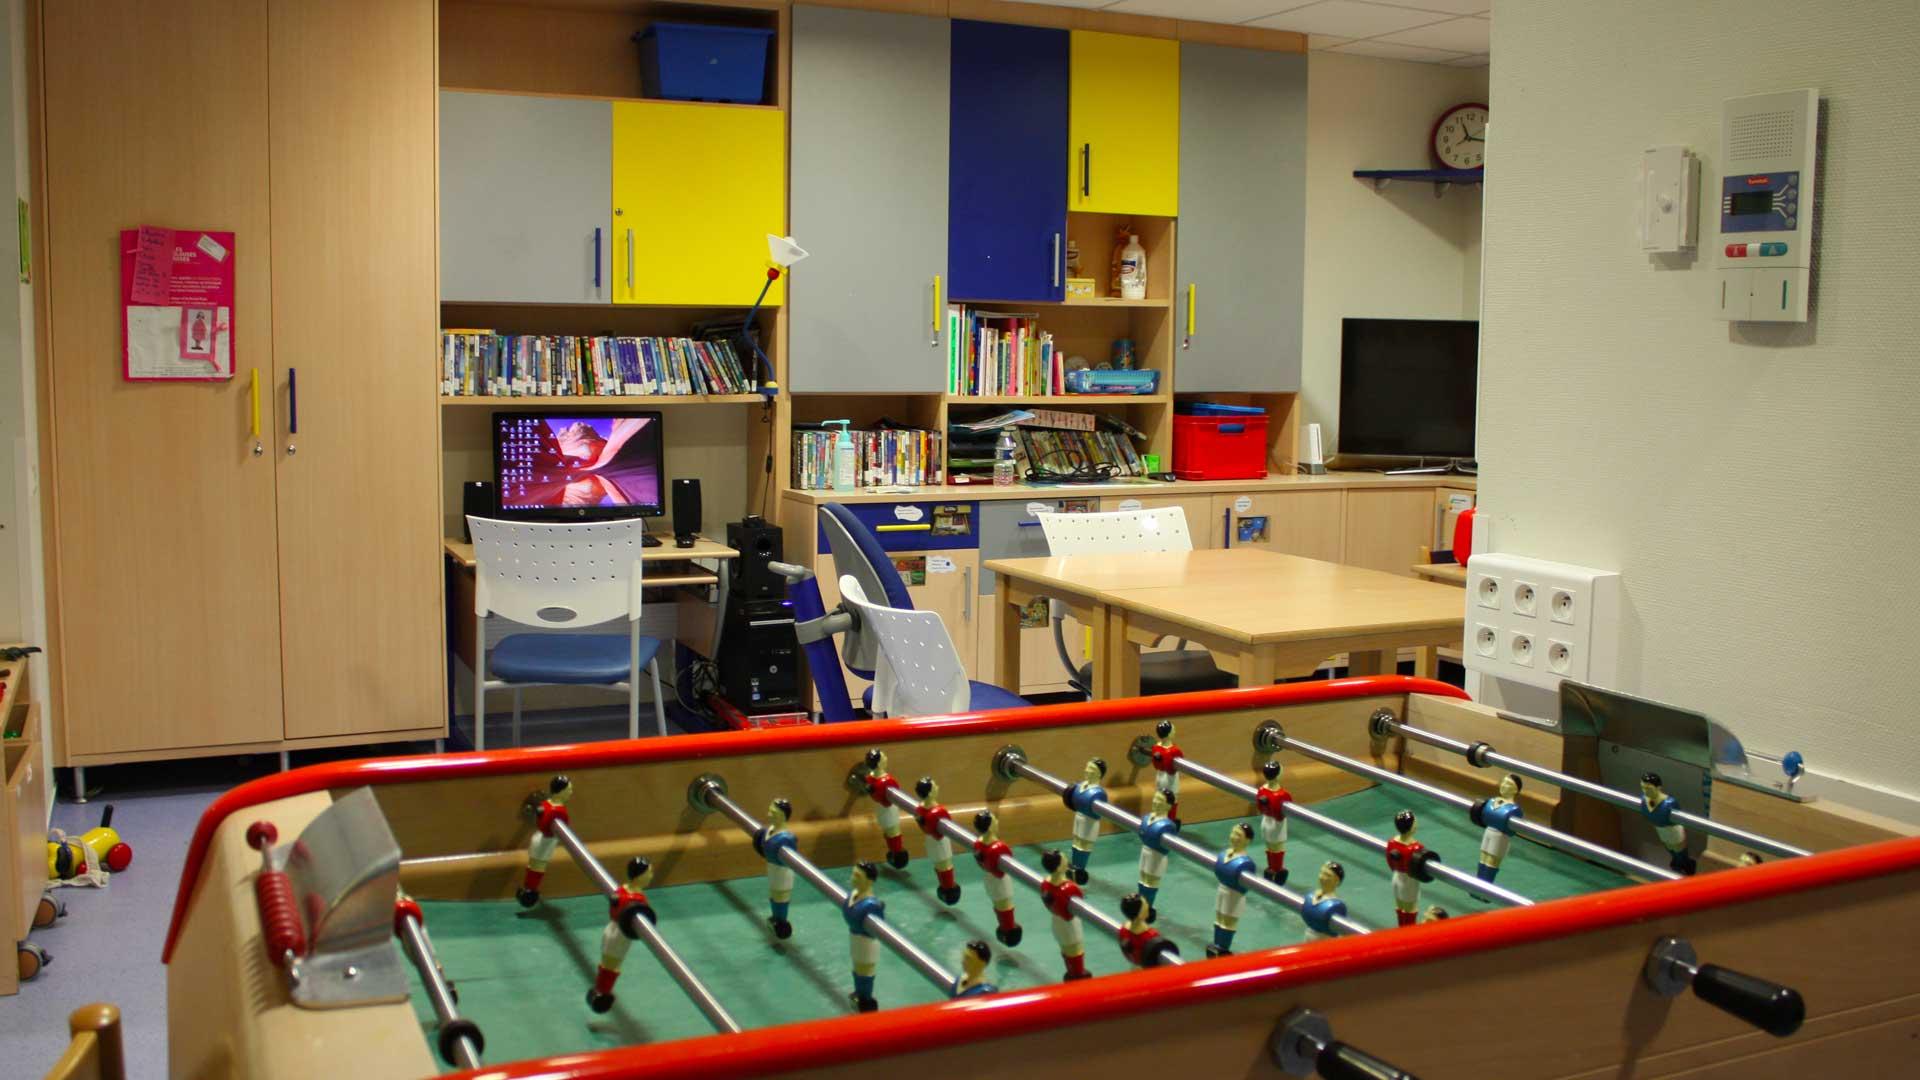 espace de jeux arame association r gionale d 39 action m dicale et sociale en faveur d 39 enfants. Black Bedroom Furniture Sets. Home Design Ideas